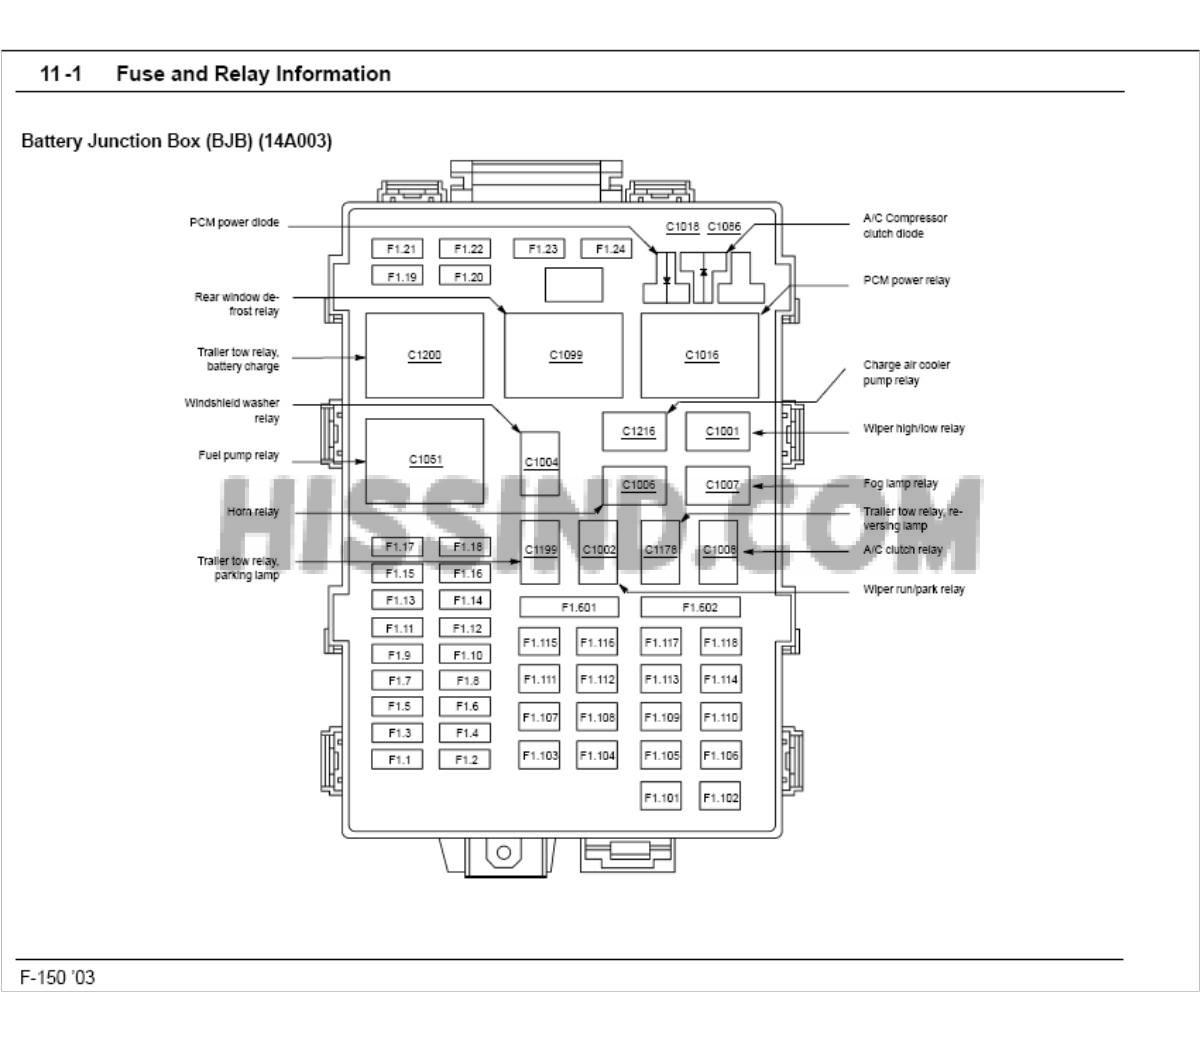 1995 Ford Aerostar Wiring Diagram On 96 Ford Aerostar Wiring Diagram